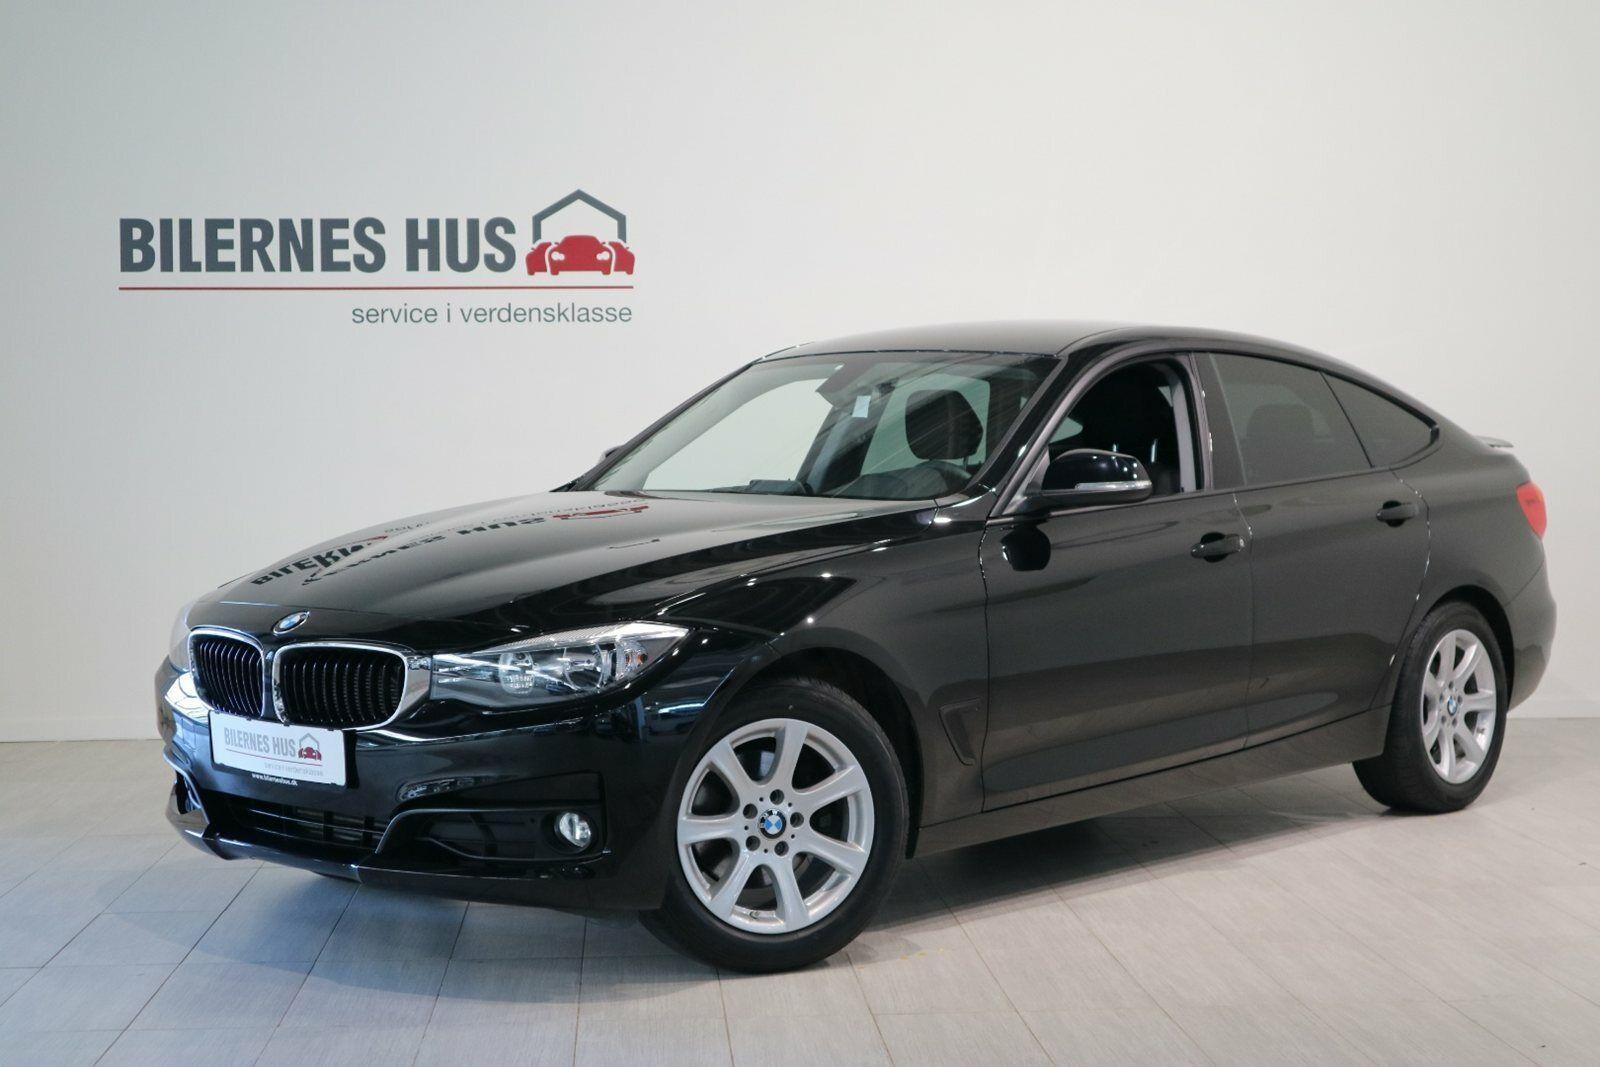 BMW 320d Billede 2